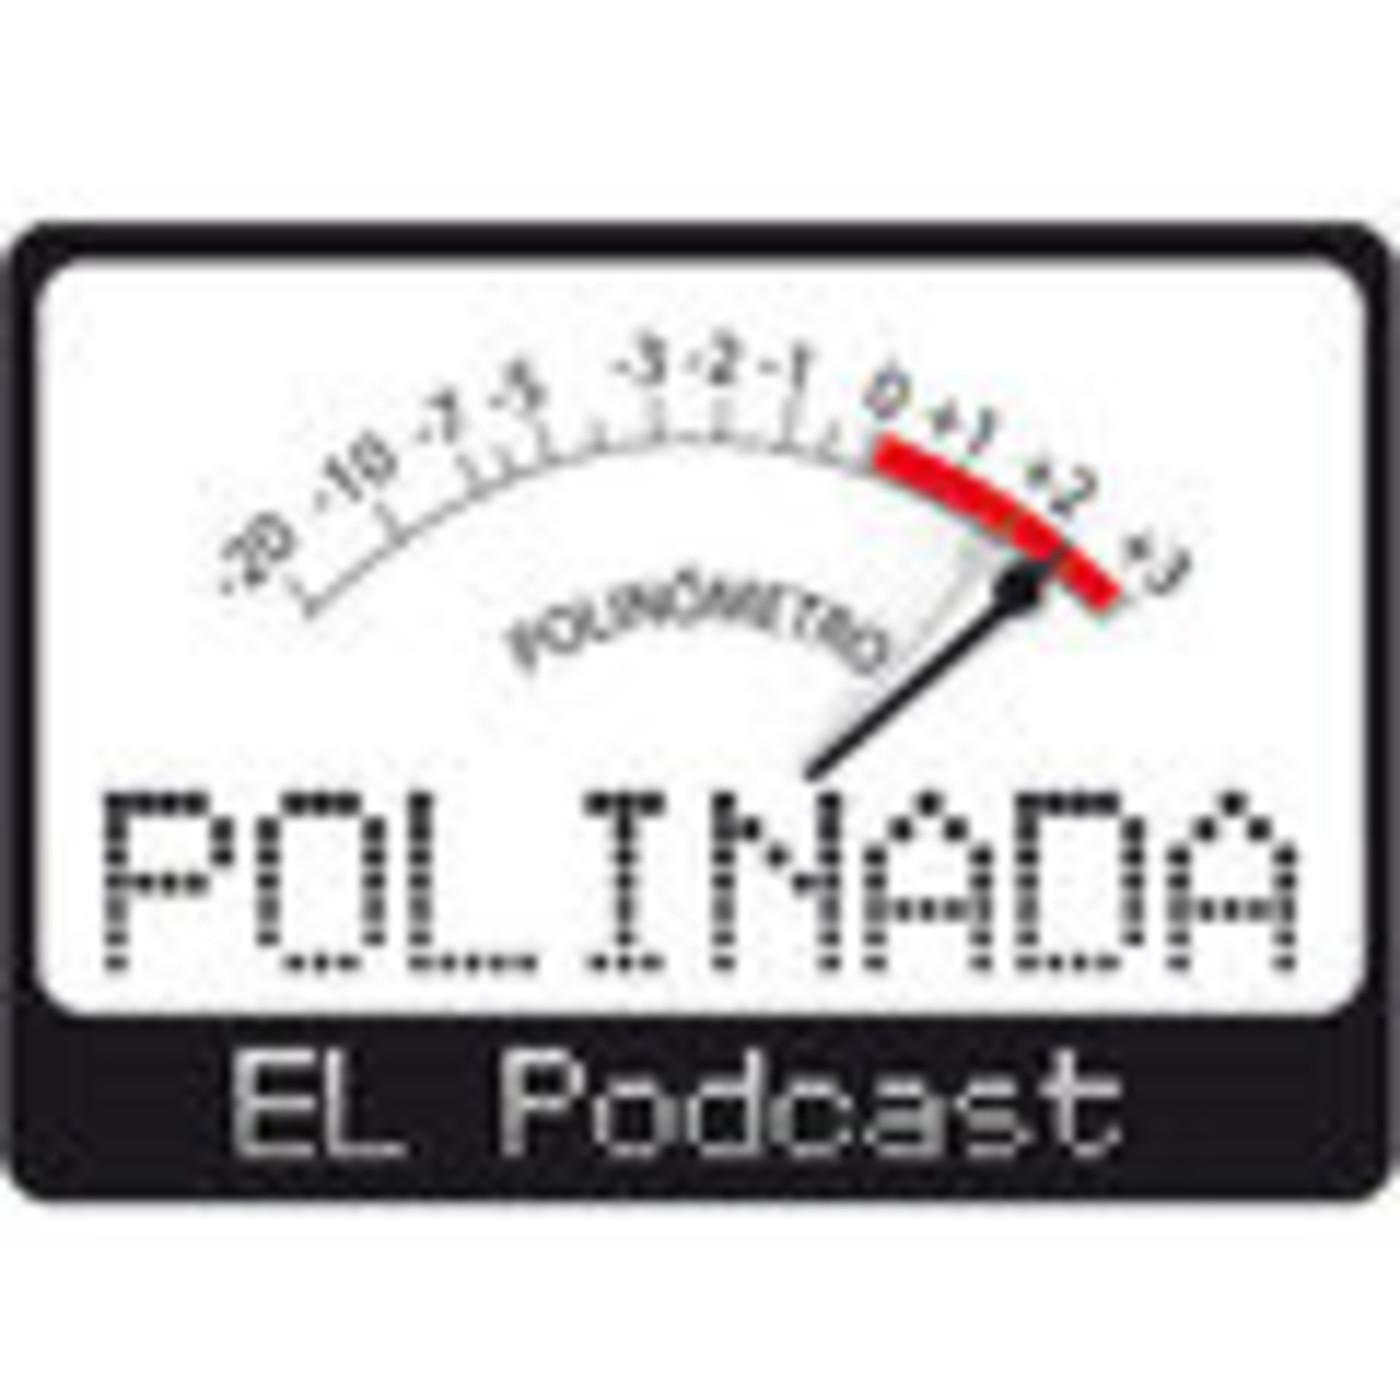 Polinada el podcast